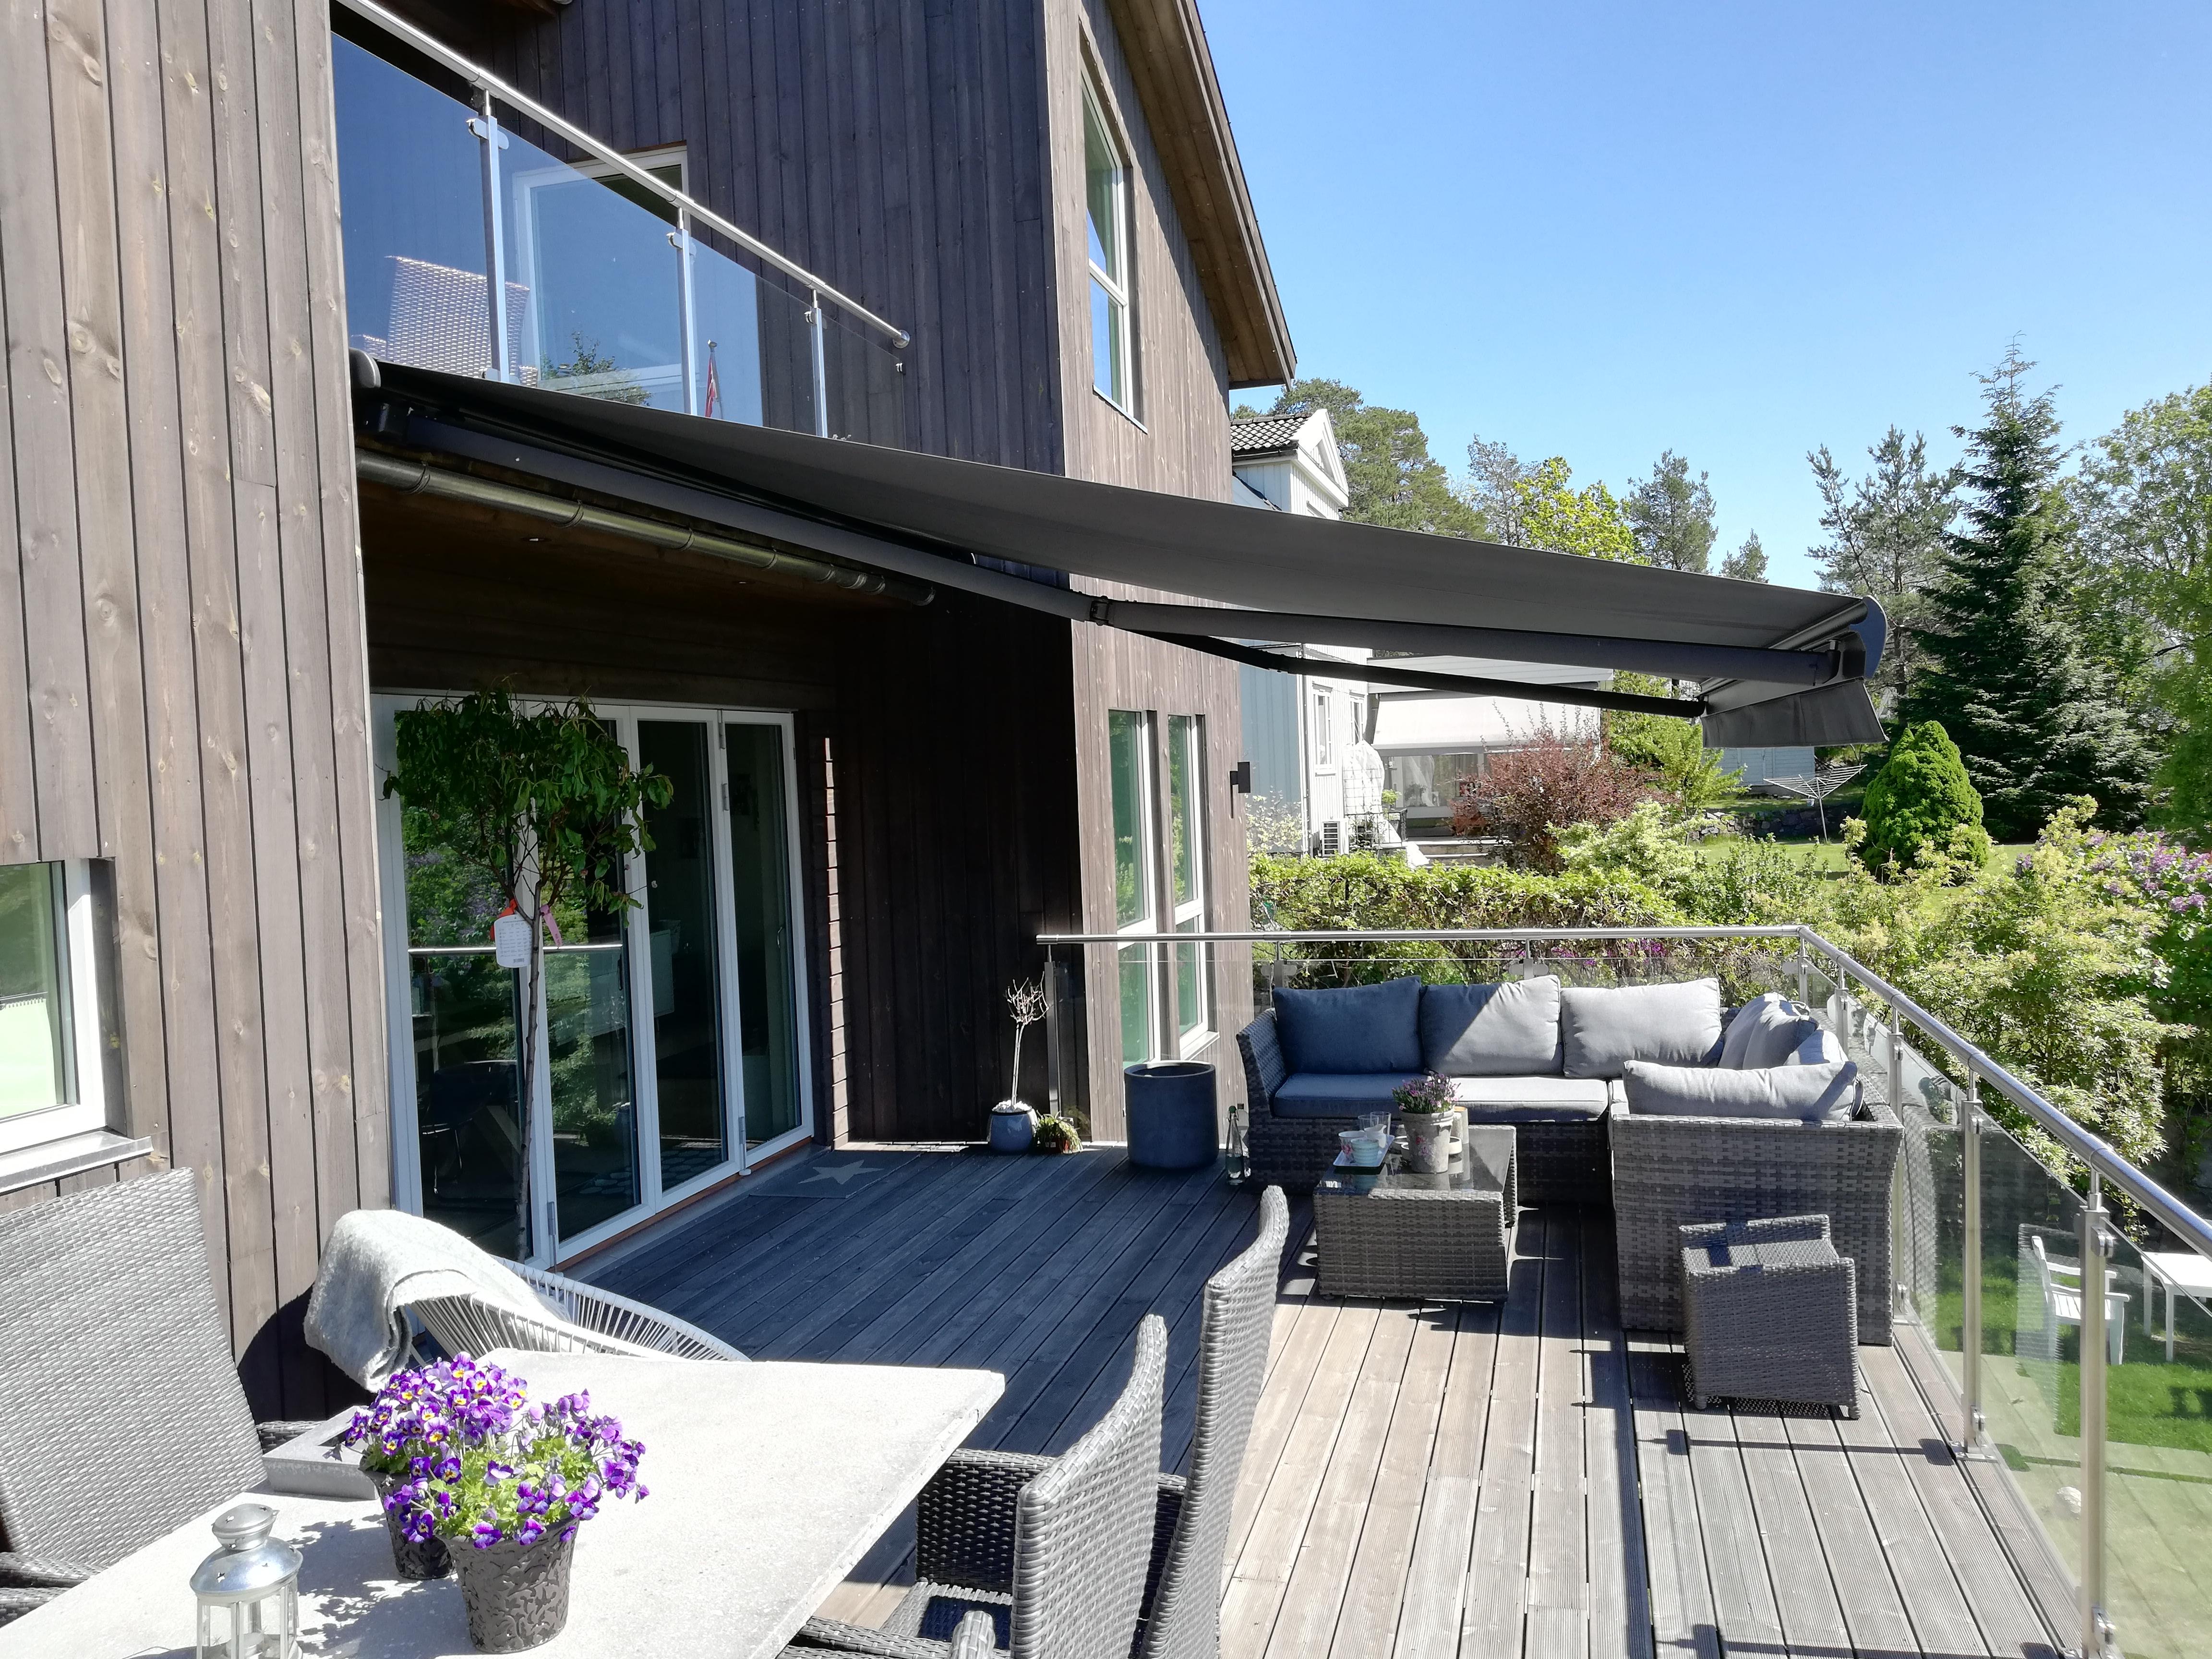 Bilde_Palladio_terrassemarkise_Nøtterøy.